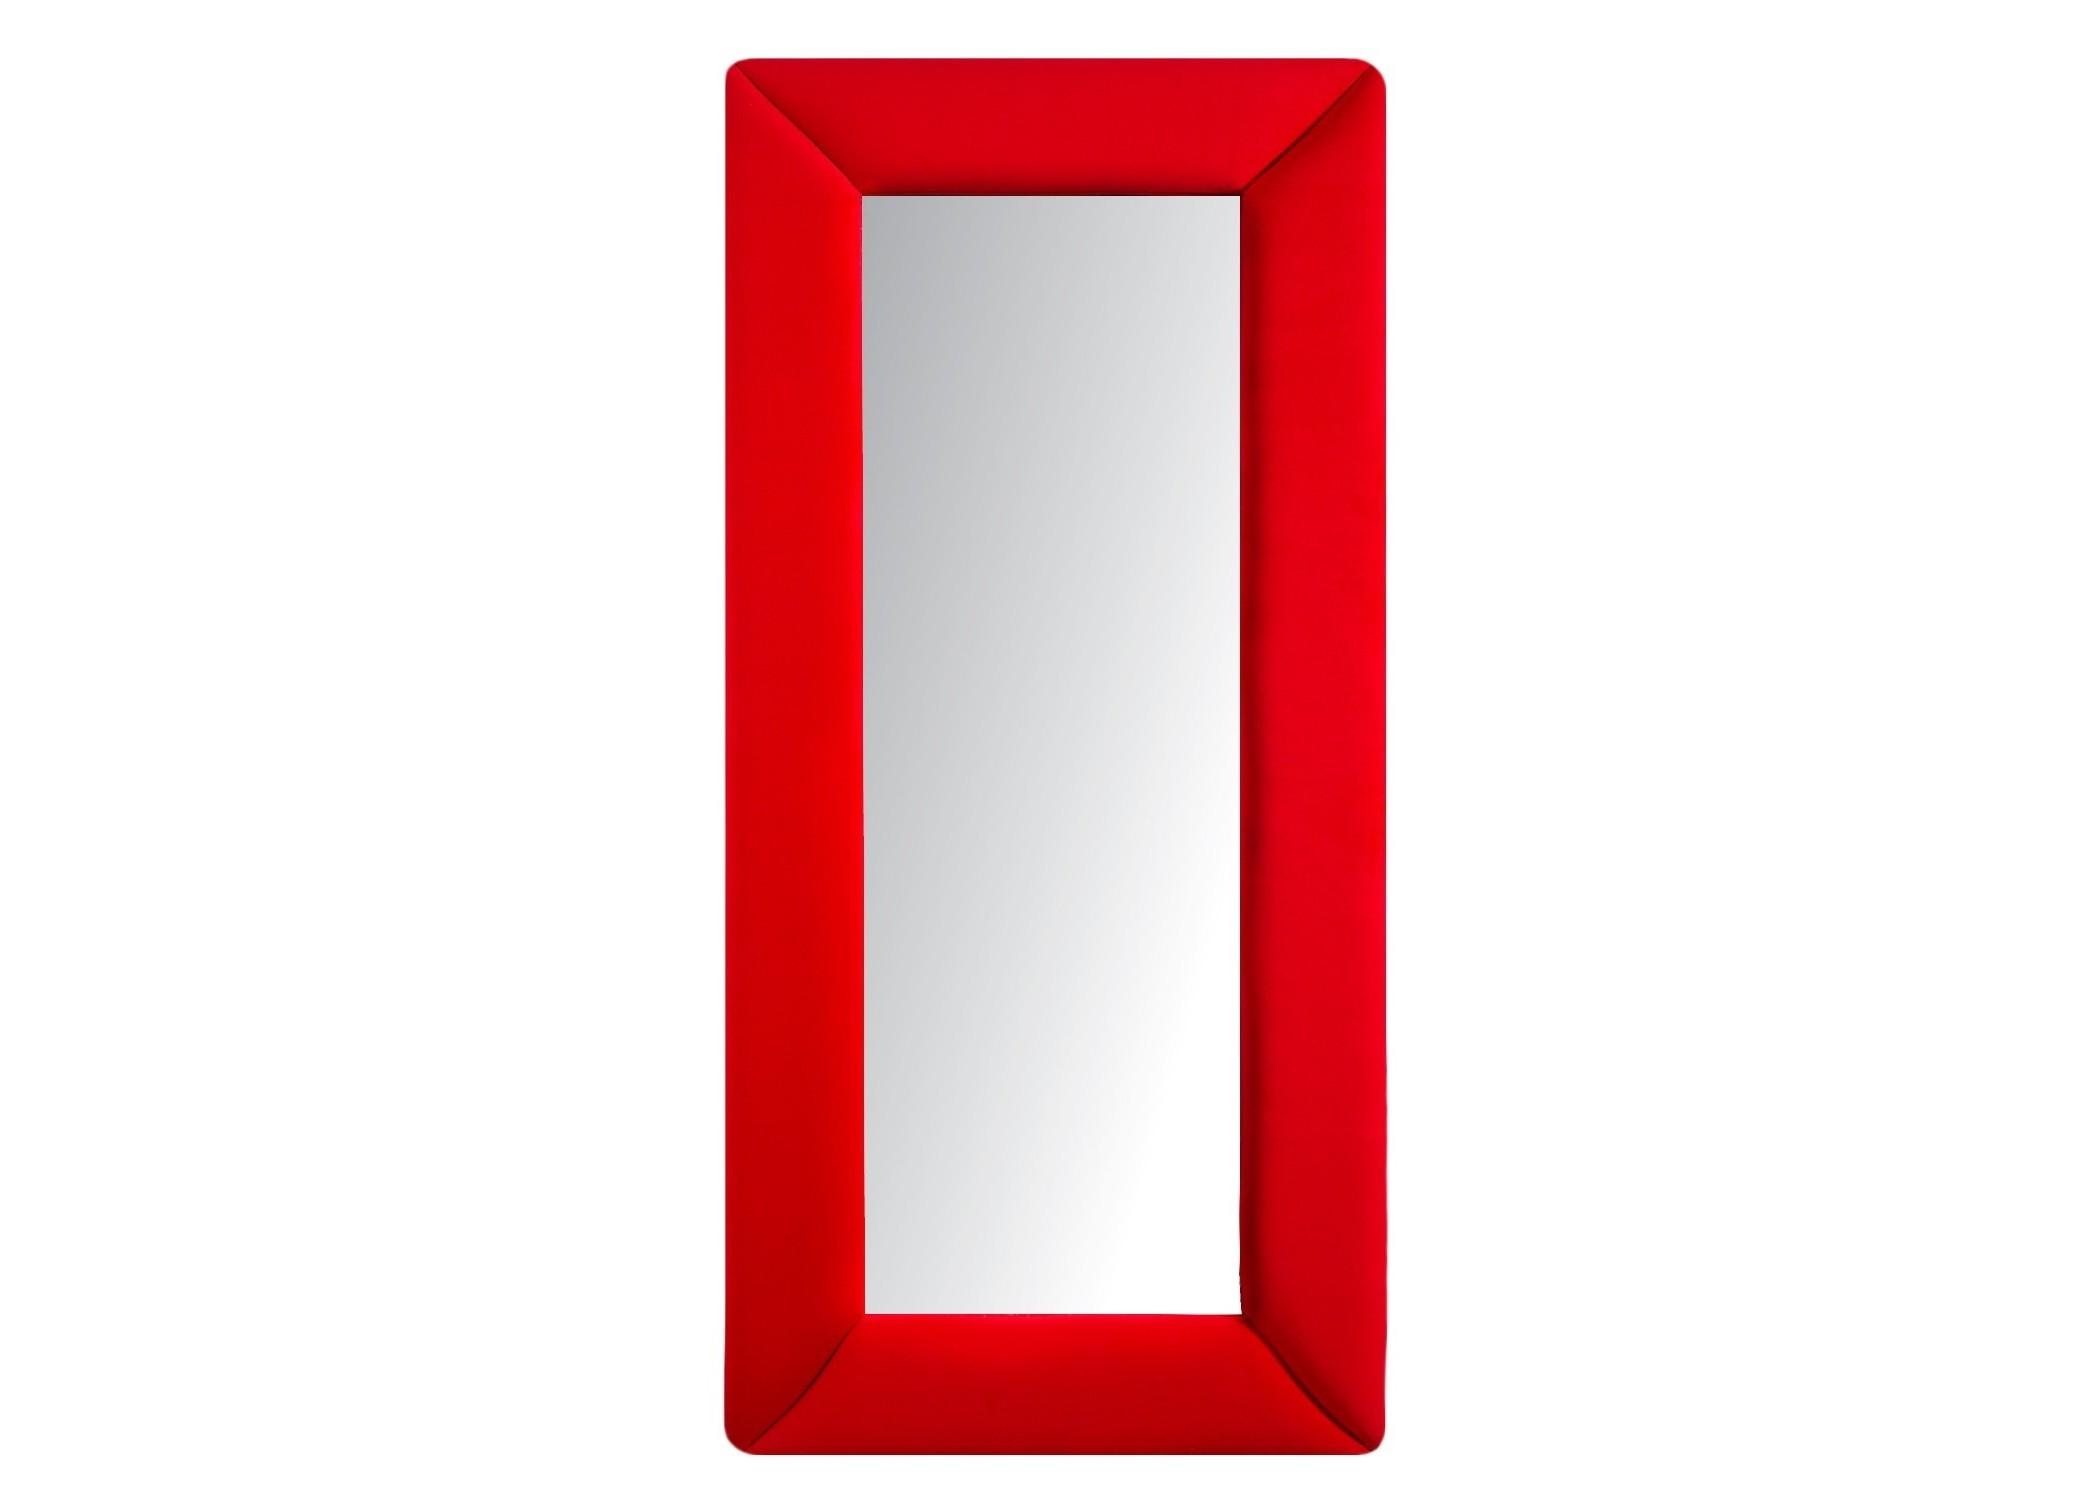 Зеркало напольноеНапольные зеркала<br>Зеркала являются незаменимыми элементами декора или элементами интерьера. Большие зеркала способны создавать причудливые эффекты: зритель увеличивать комнату, создавать иллюзию удлиненной комнаты, углублять ниши. Зеркало в полный рост, имеет, также, практическое применение. <br>Чтобы разобраться, где такие зеркала будут смотреться лучше всего, следует рассмотреть все варианты.<br><br>Material: Дерево<br>Width см: 83<br>Depth см: 5<br>Height см: 175